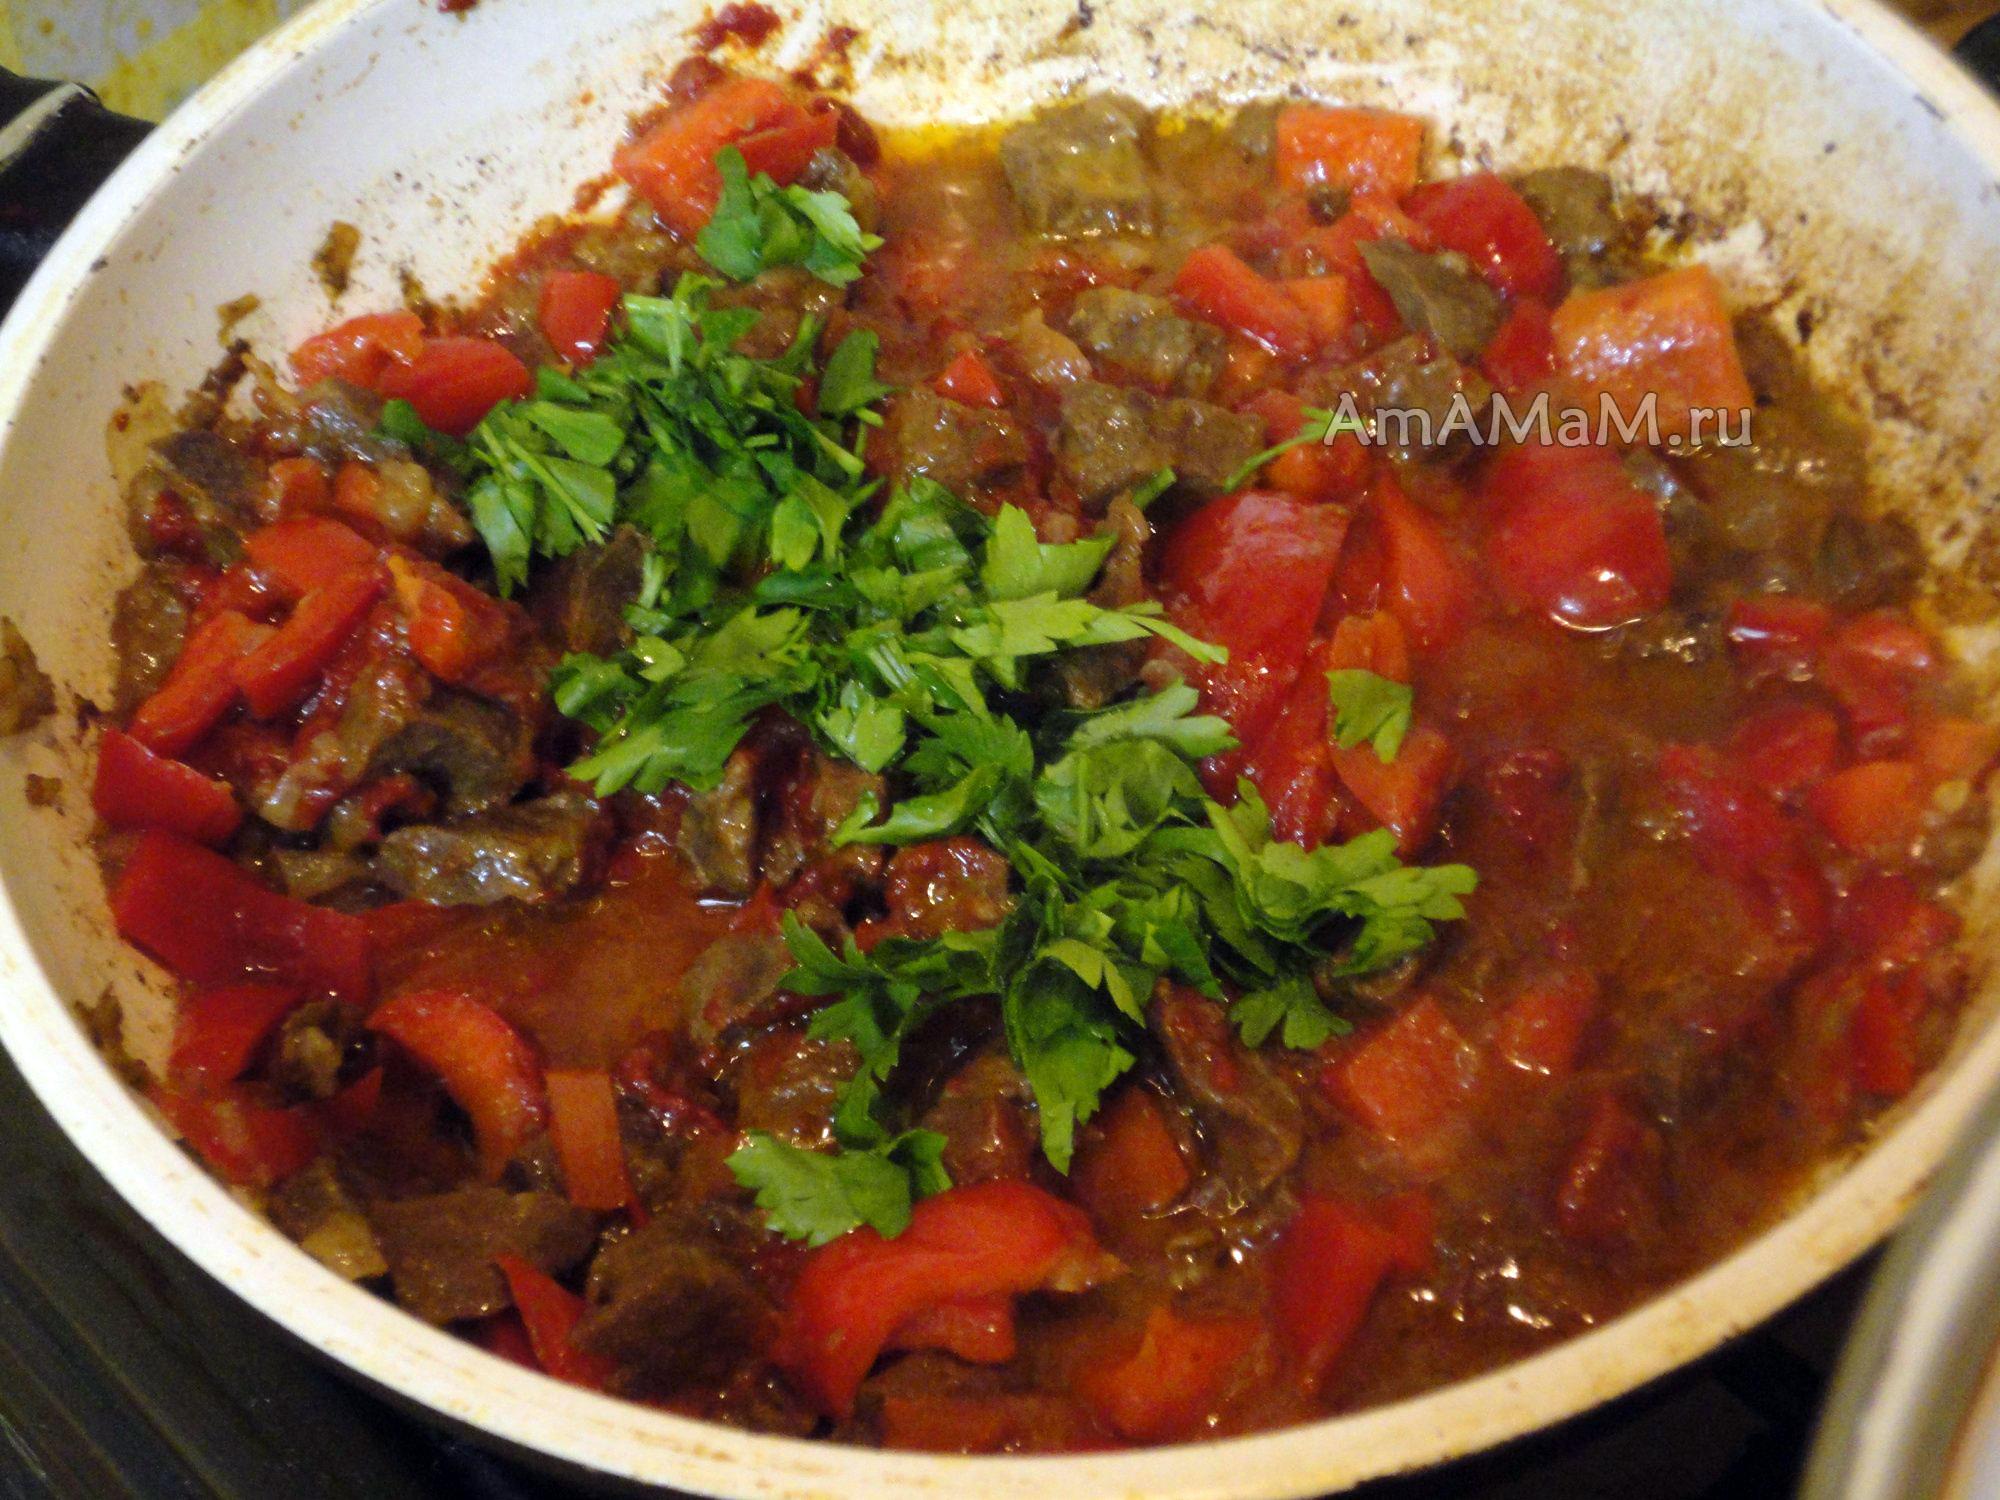 Как готовить сердце говяжье рецепт пошагово в